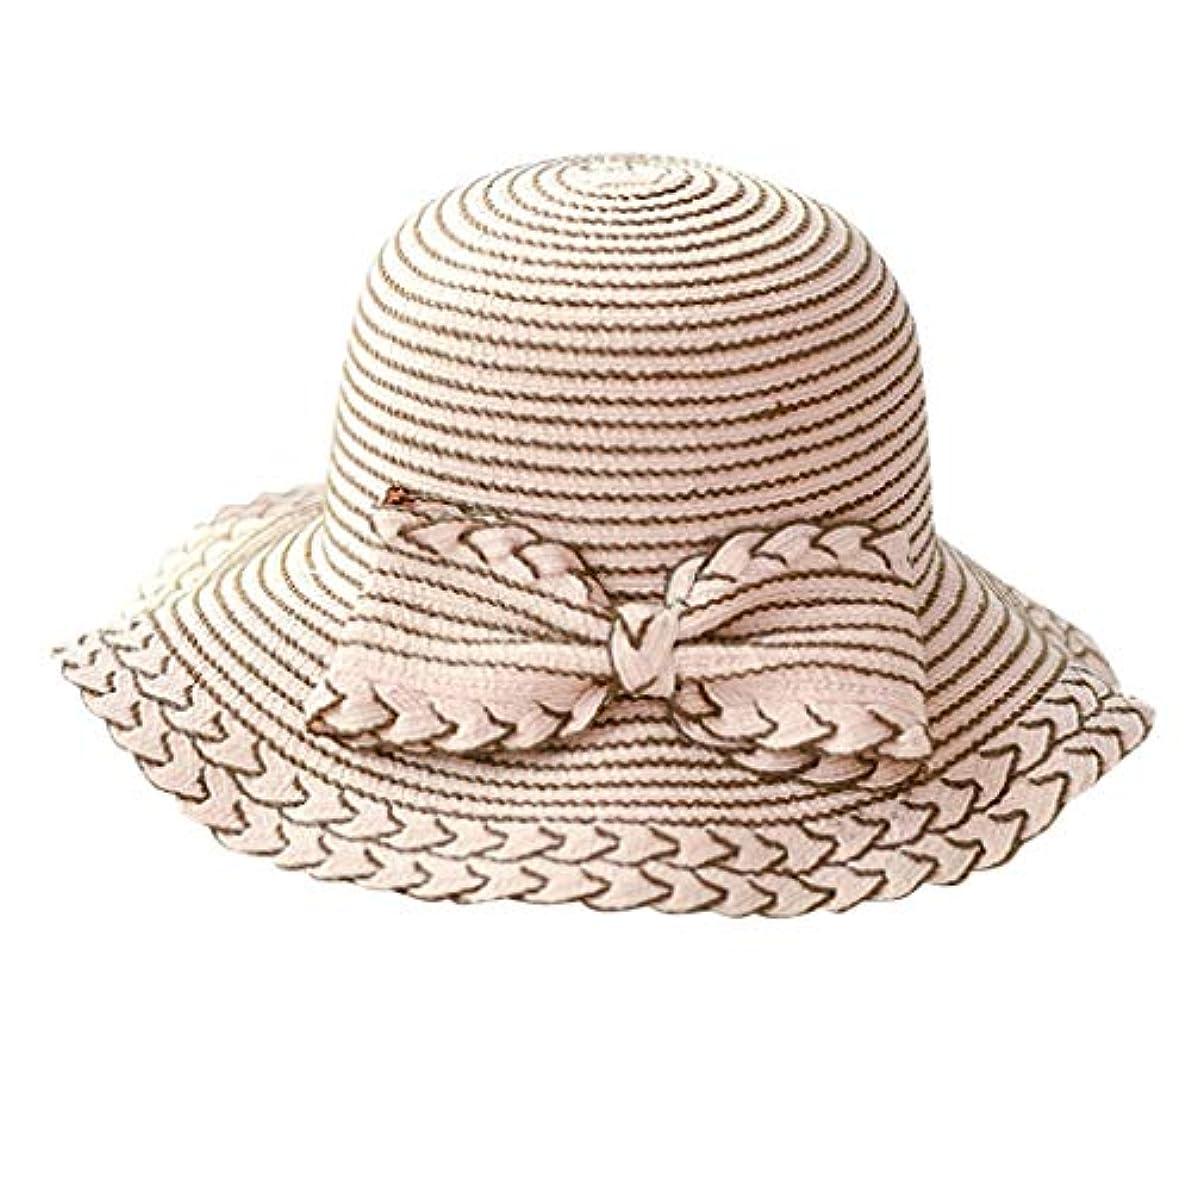 窓前奏曲バラ色夏 帽子 レディース UVカット 帽子 ハット レディース 日よけ 夏季 女優帽 日よけ 日焼け 折りたたみ 持ち運び つば広 吸汗通気 ハット レディース 紫外線対策 小顔効果 ワイヤー入る ハット ROSE ROMAN